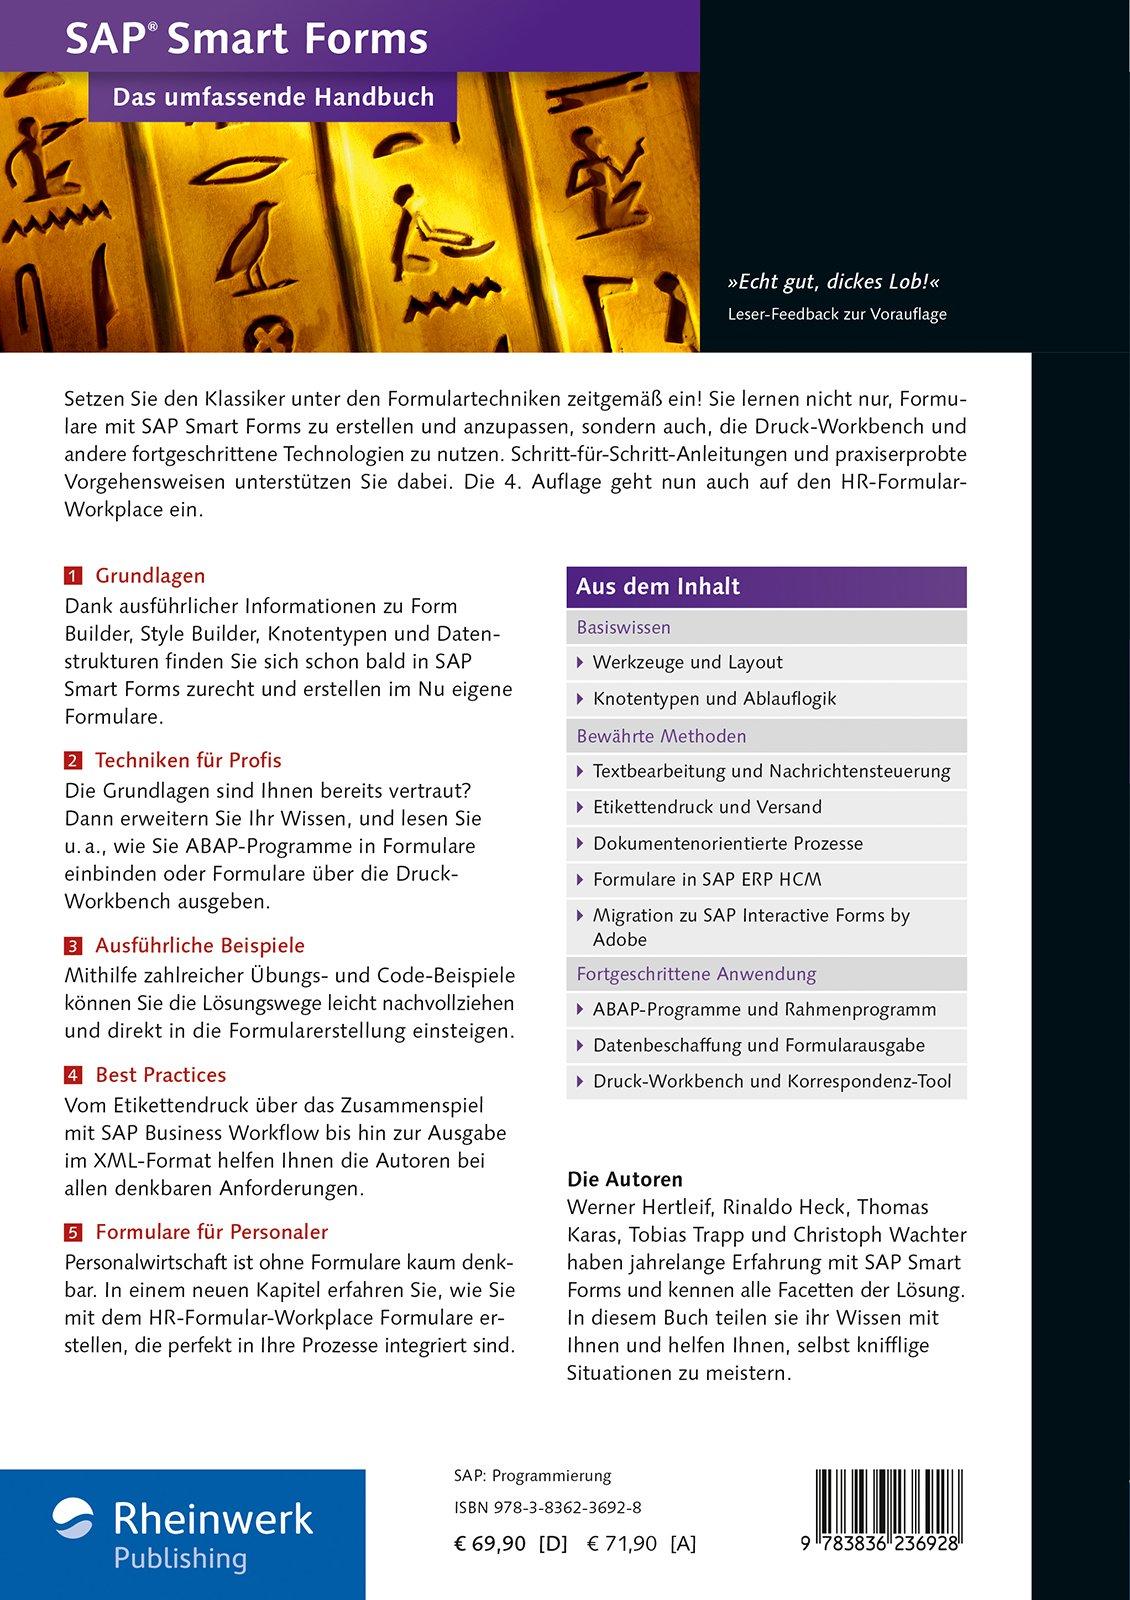 SAP Smart Forms: Das umfassende Handbuch - Standardwerk zur SAP ...